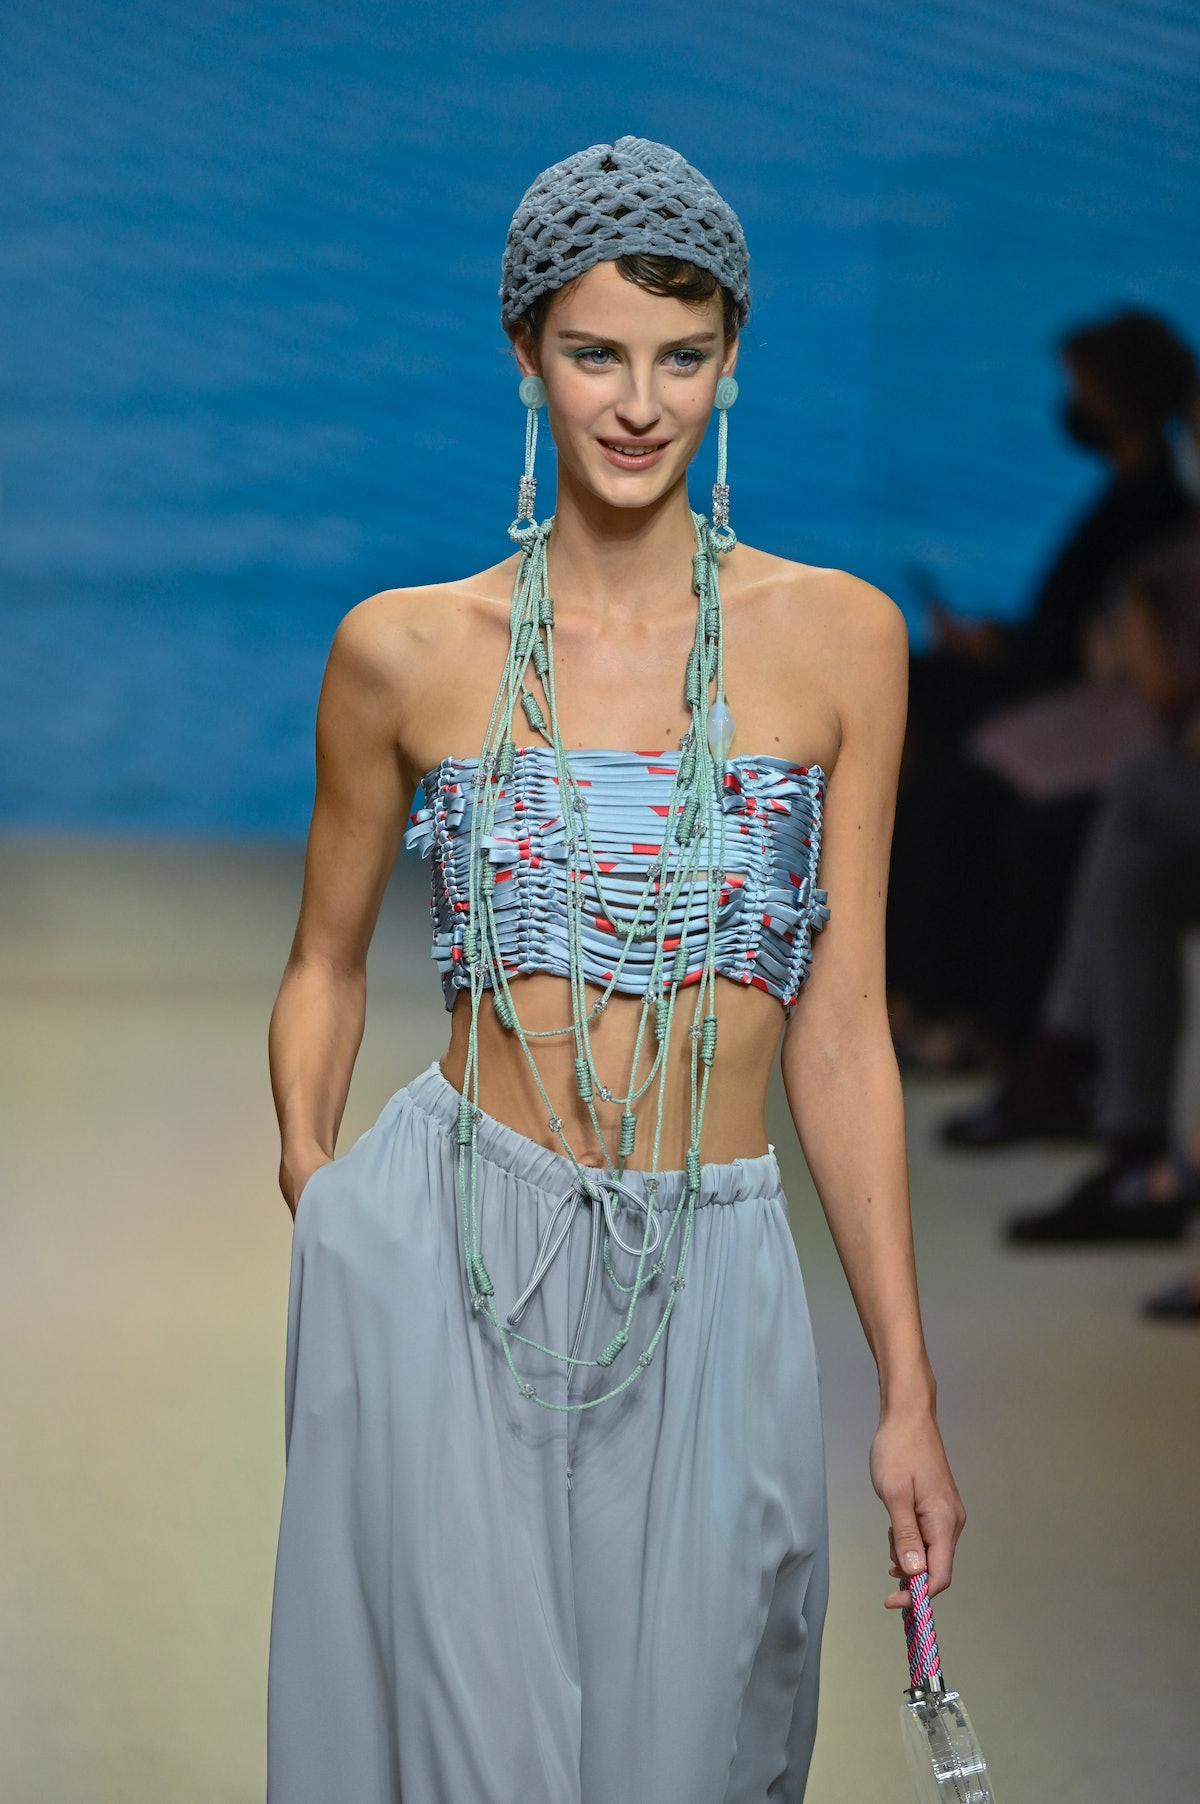 میلان ، ایتالیا - 25 سپتامبر: یک مدل در چهارمین روز در نمایش مد آرمانی روی catwalk می رود ...